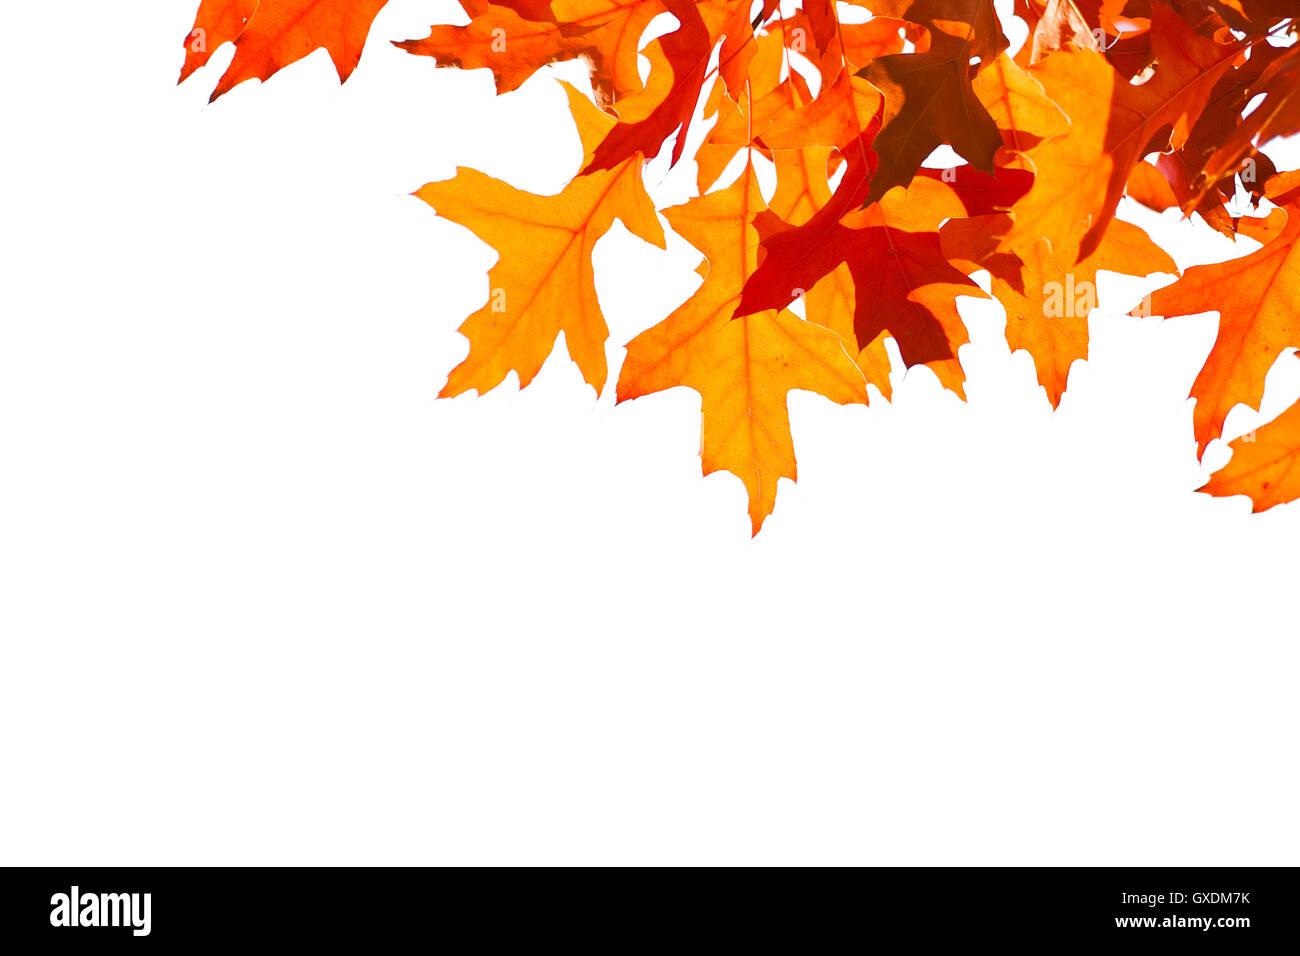 Dekorative orange Blätter Rahmen. Blätter sind auf weißen ...